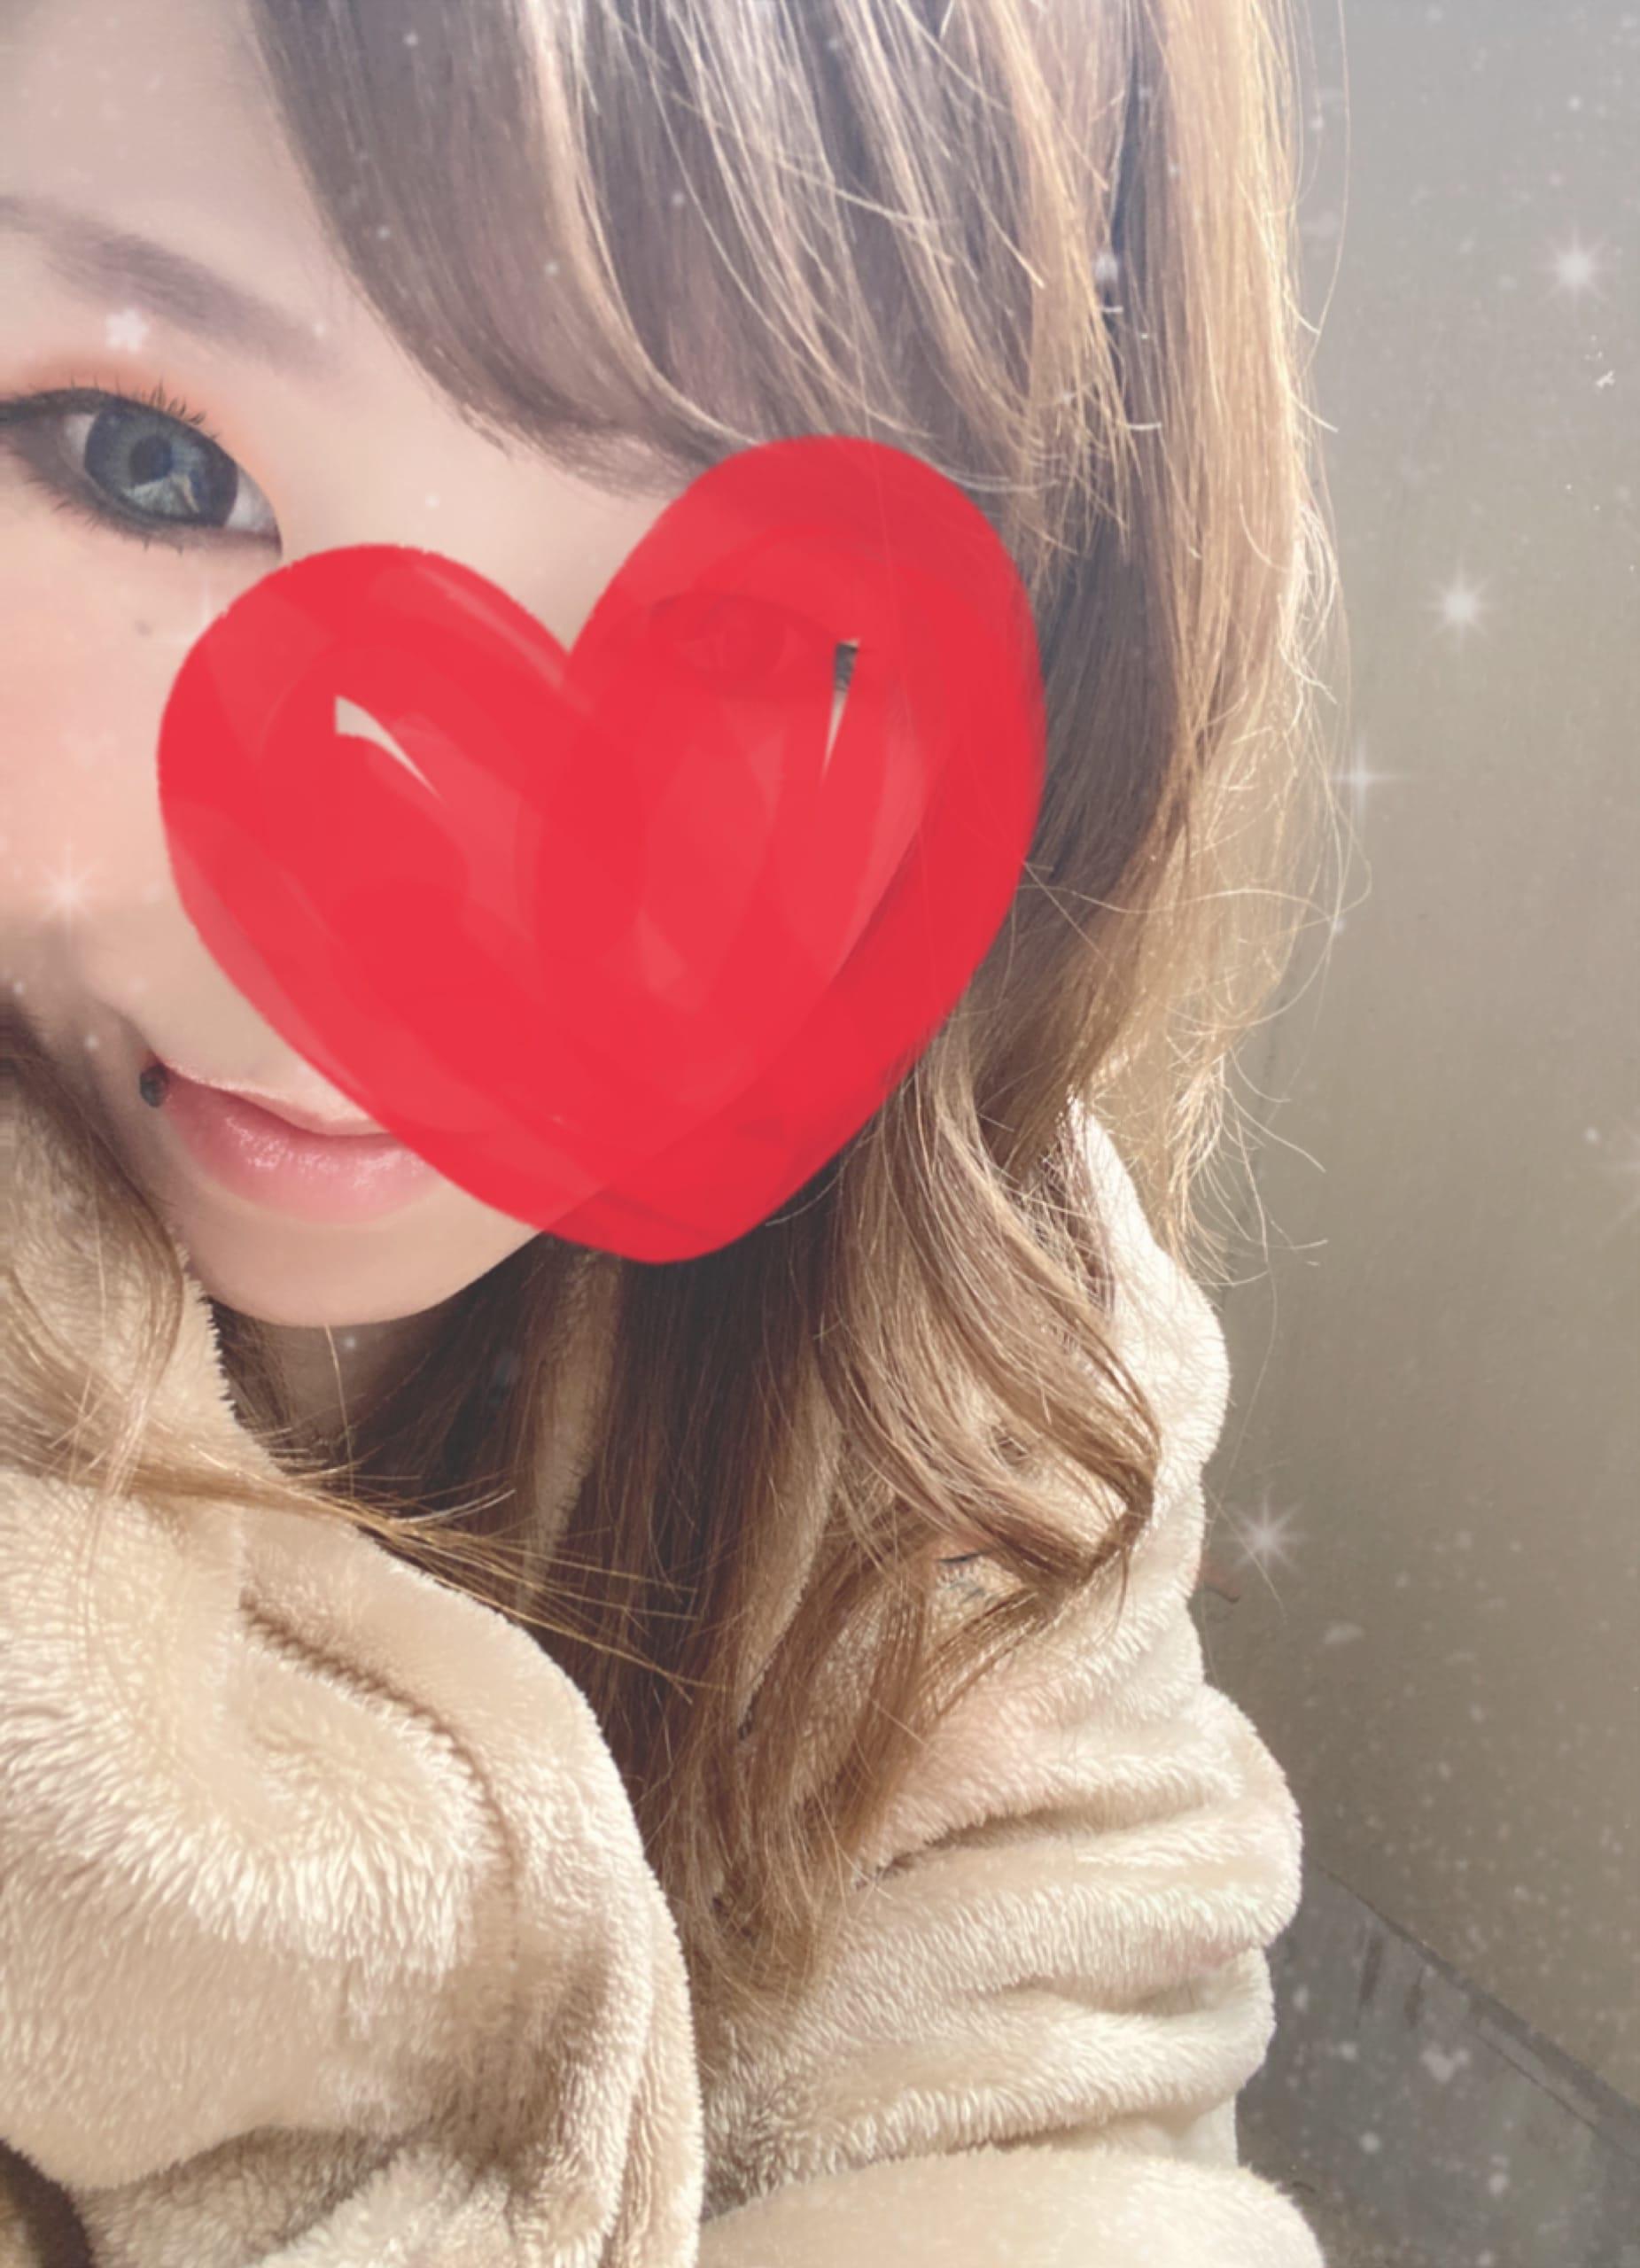 千智~ちさと「腫☆*°晴♥️ちさと」03/04(木) 16:06 | 千智~ちさとの写メ・風俗動画